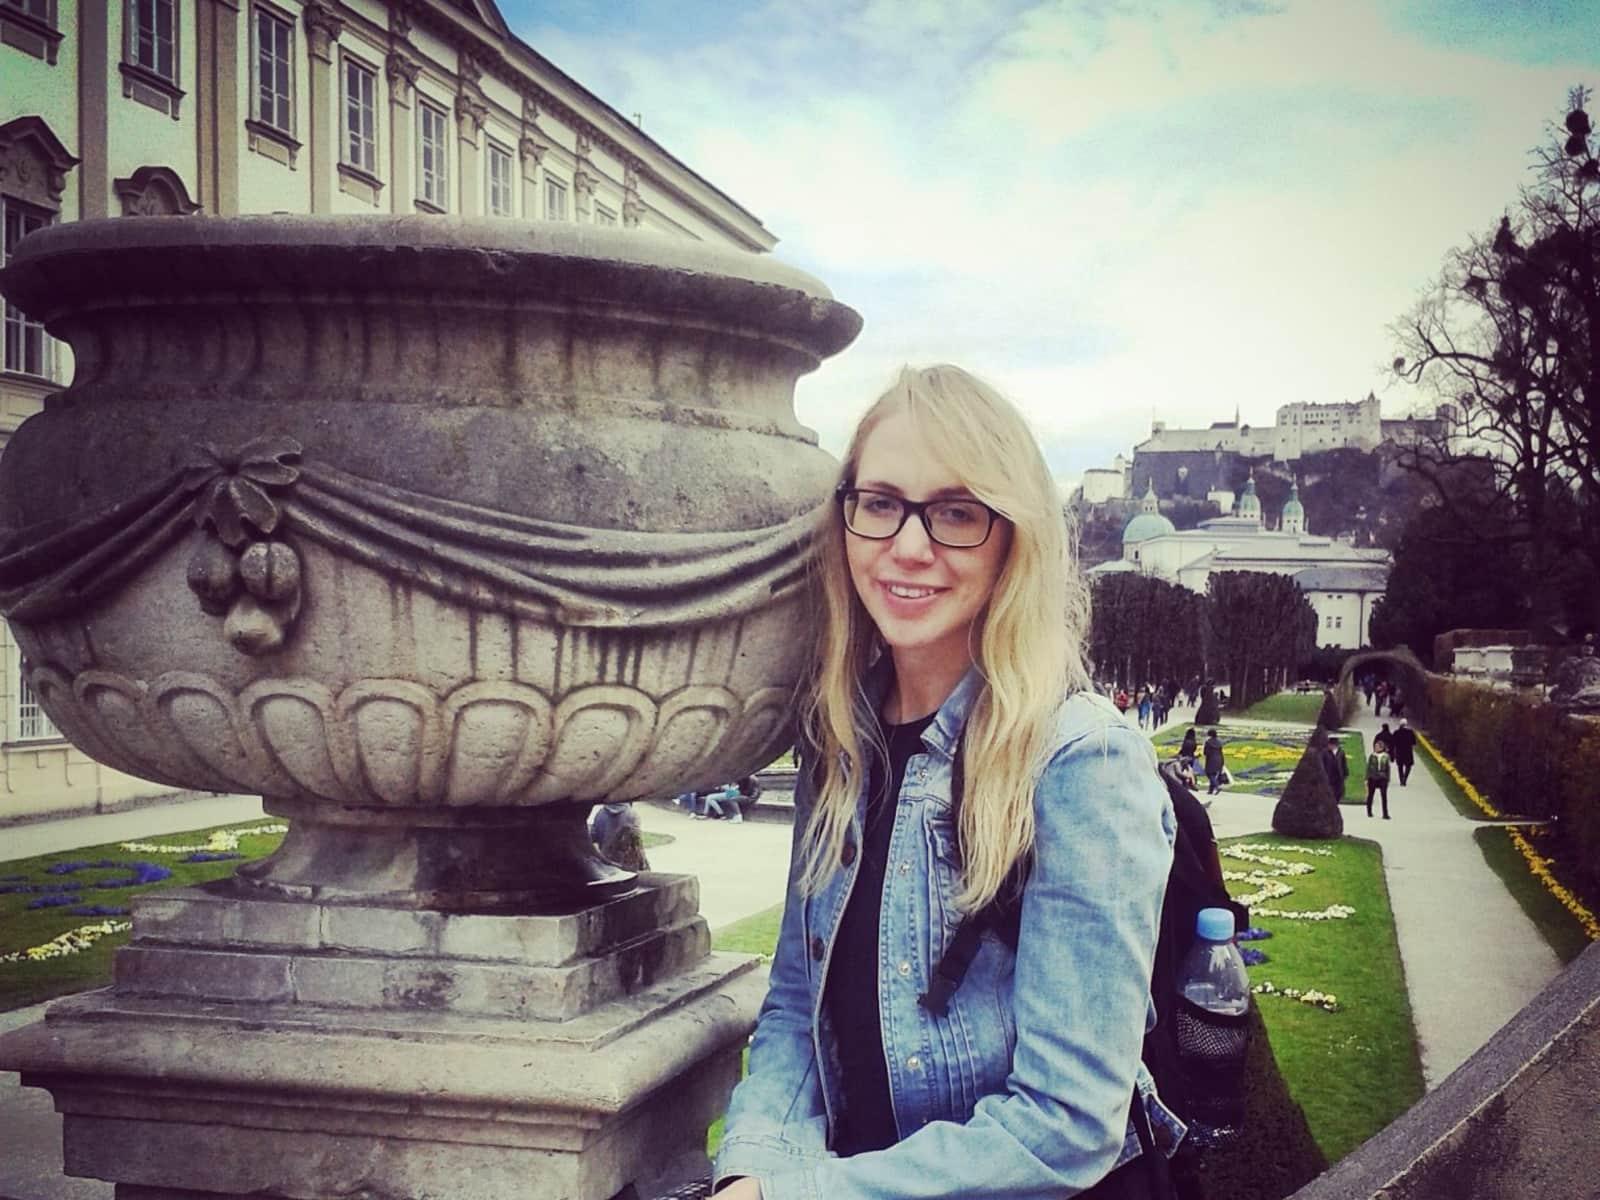 Rebecca from Cambridge, United Kingdom